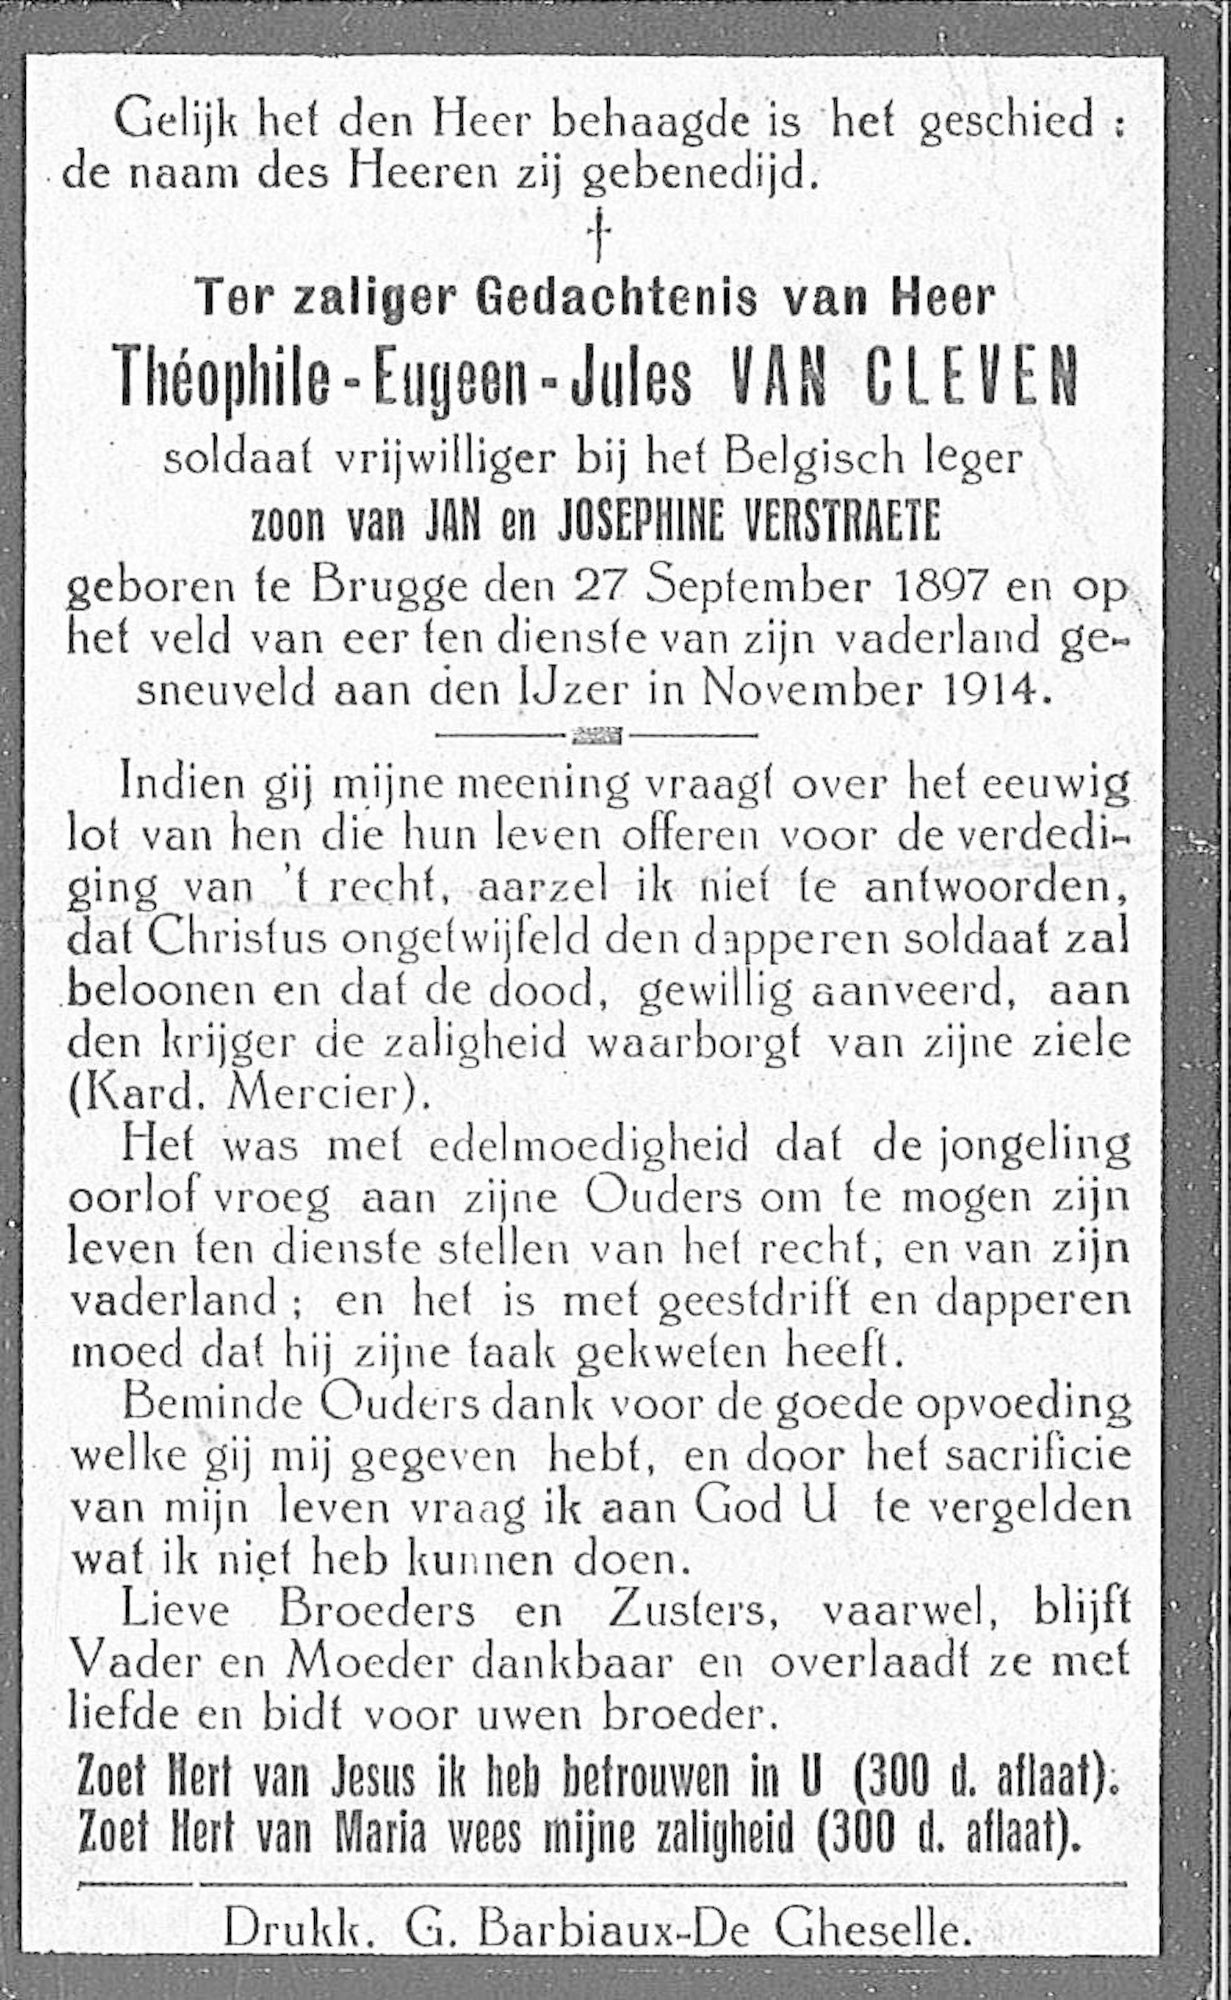 Théophile-Eugeen-Jules Van Cleven